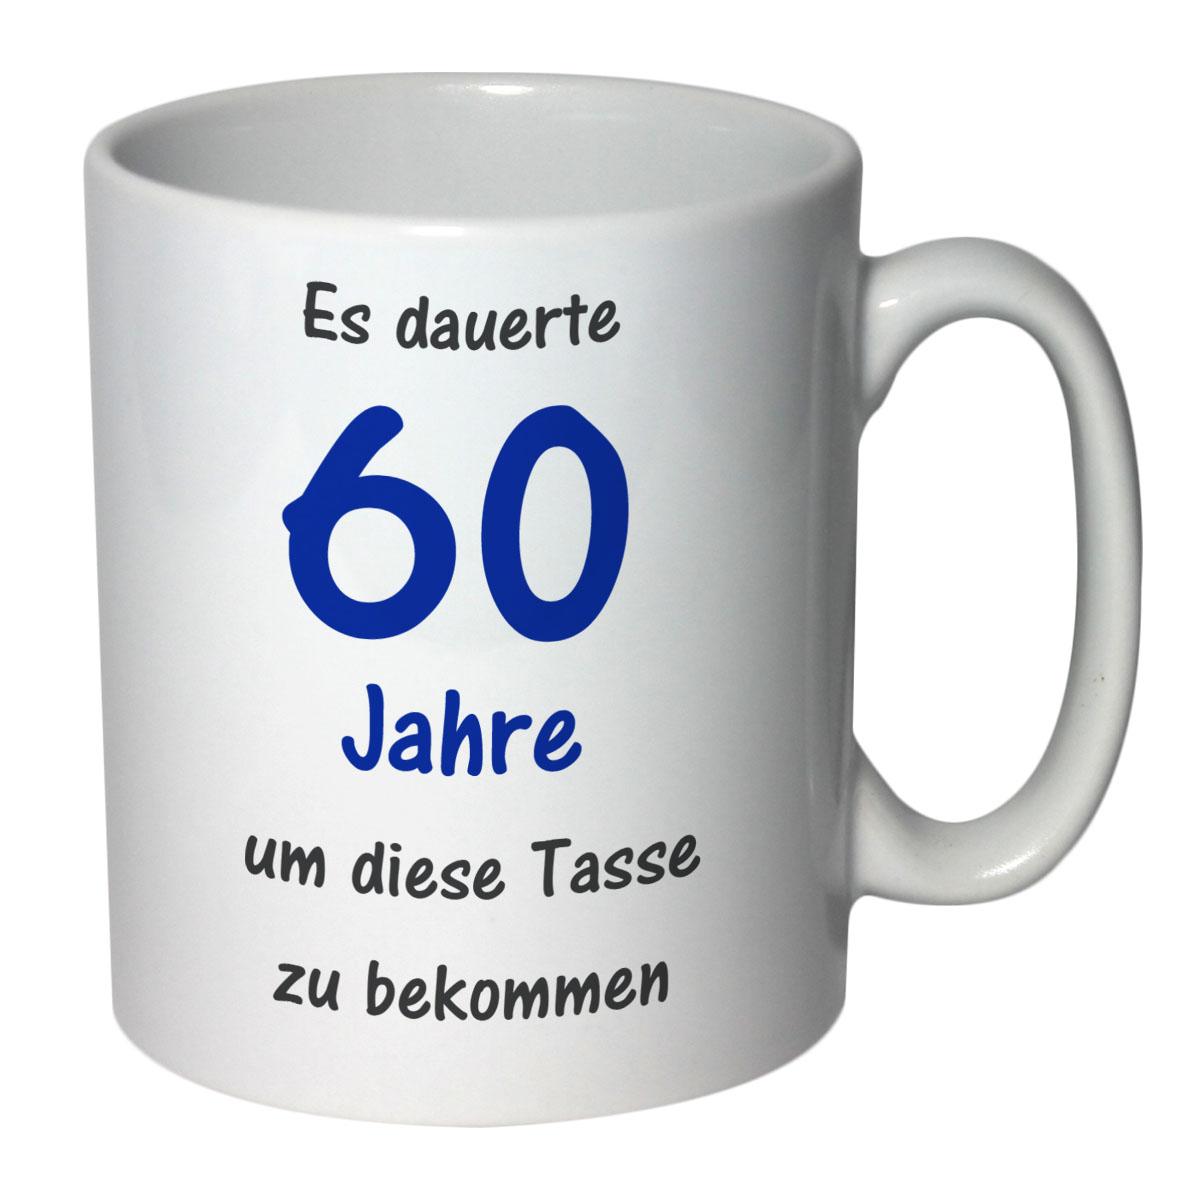 tasse geburtstag 60 jahre